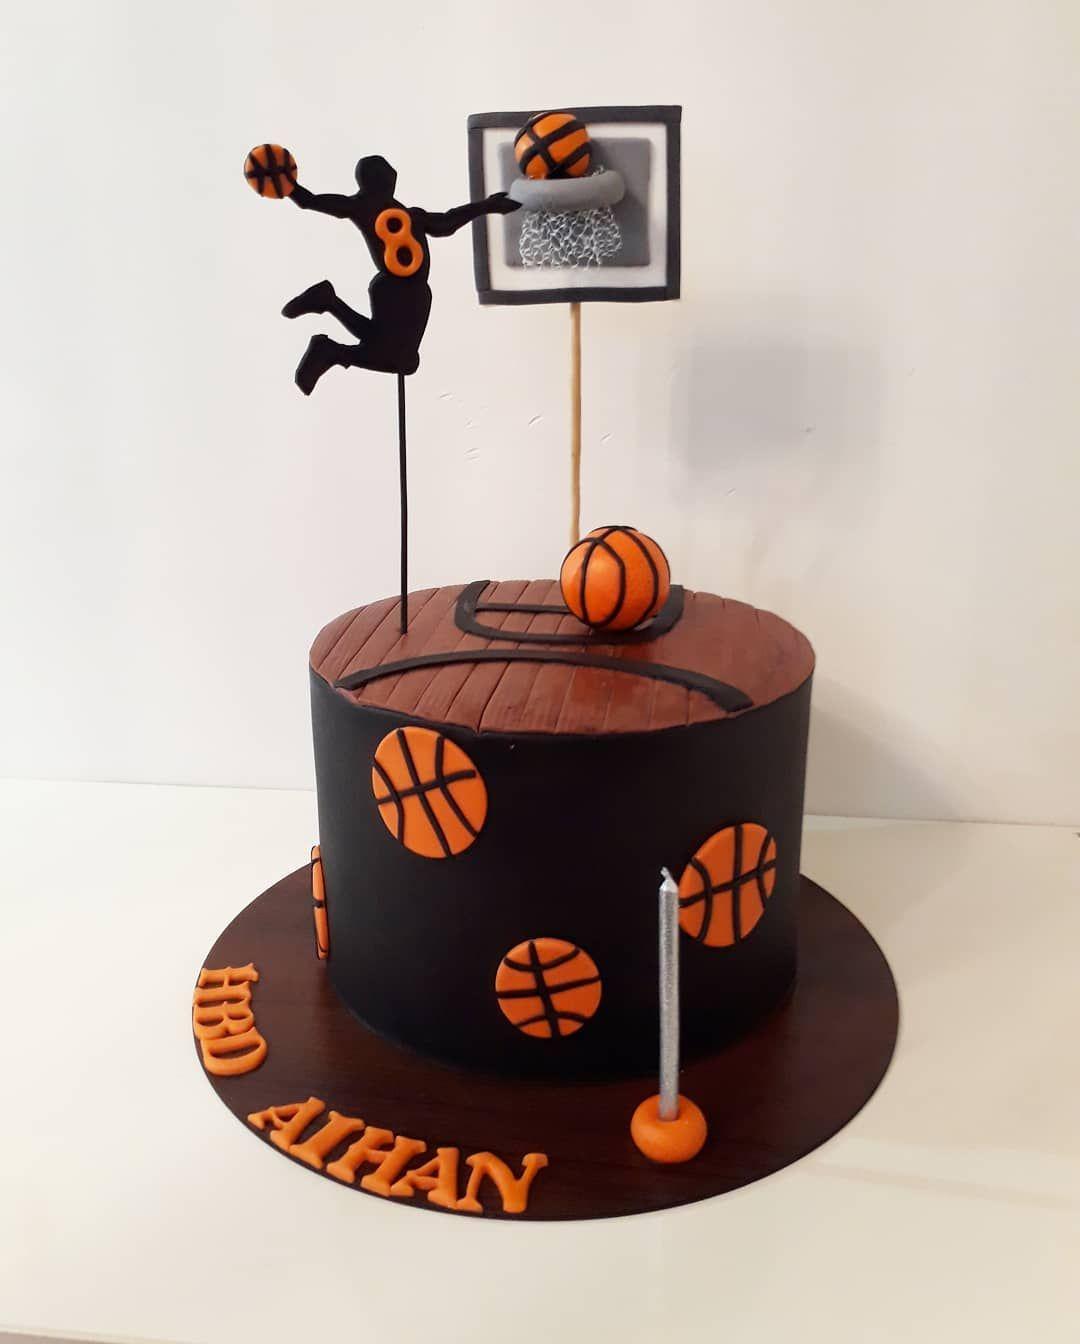 کیک بسکتبالی کیک خانگی کیک تولد کیک خونگی خوشمزه کیک کیک فوندانتی کیک شکلاتی ک Basketball Birthday Cake Basketball Cake Basketball Birthday Parties